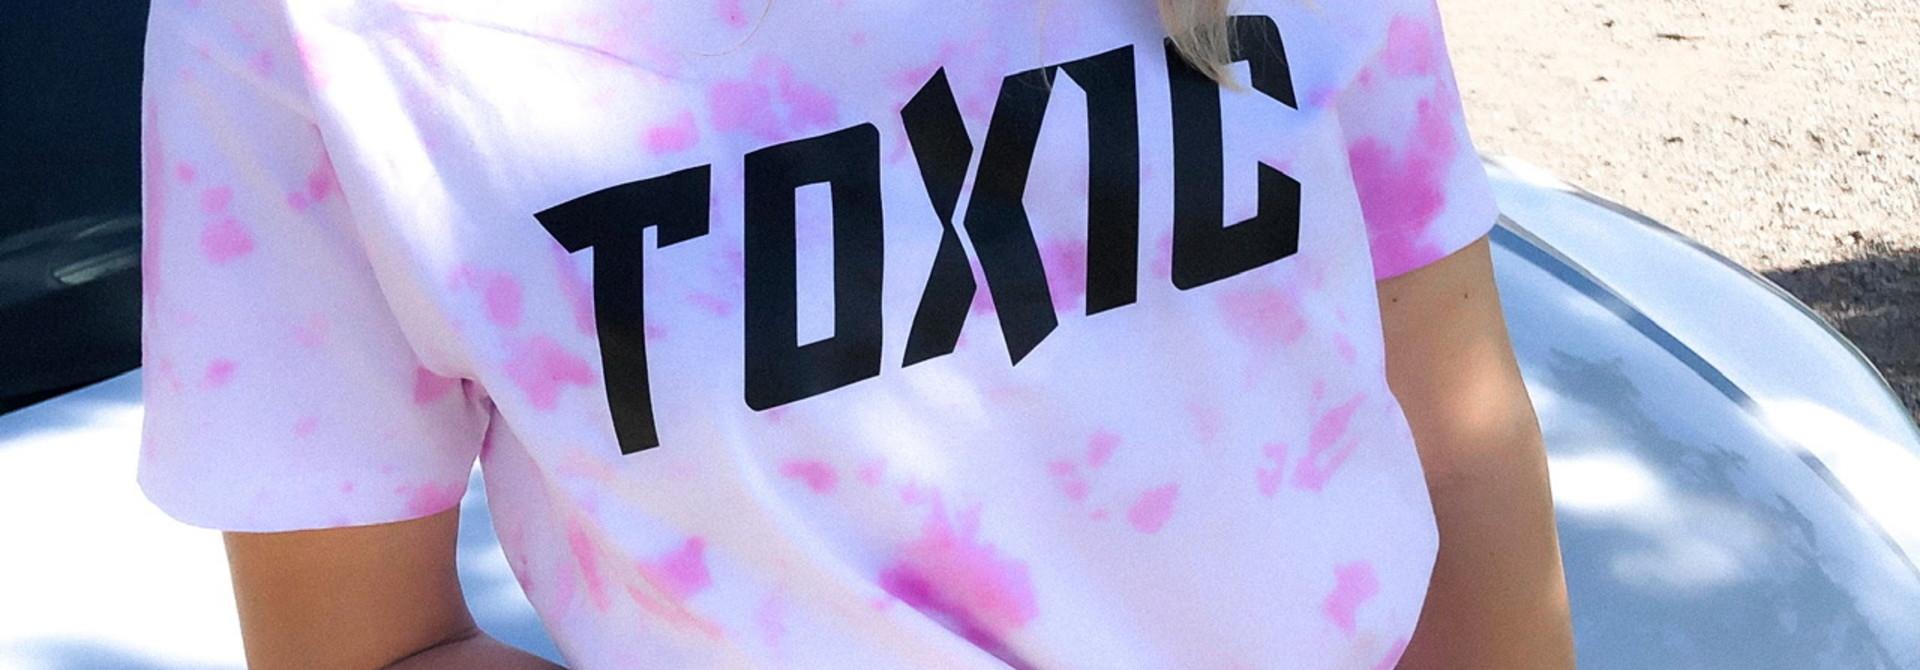 TOXIC - TIE DYE PINK